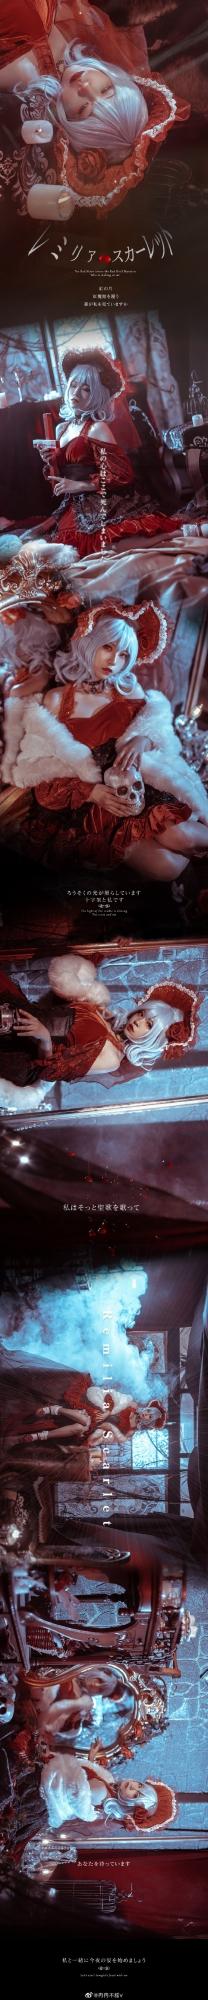 东方project   蕾米莉亚·斯卡雷特   @冉冉不甜v (9P)-第9张